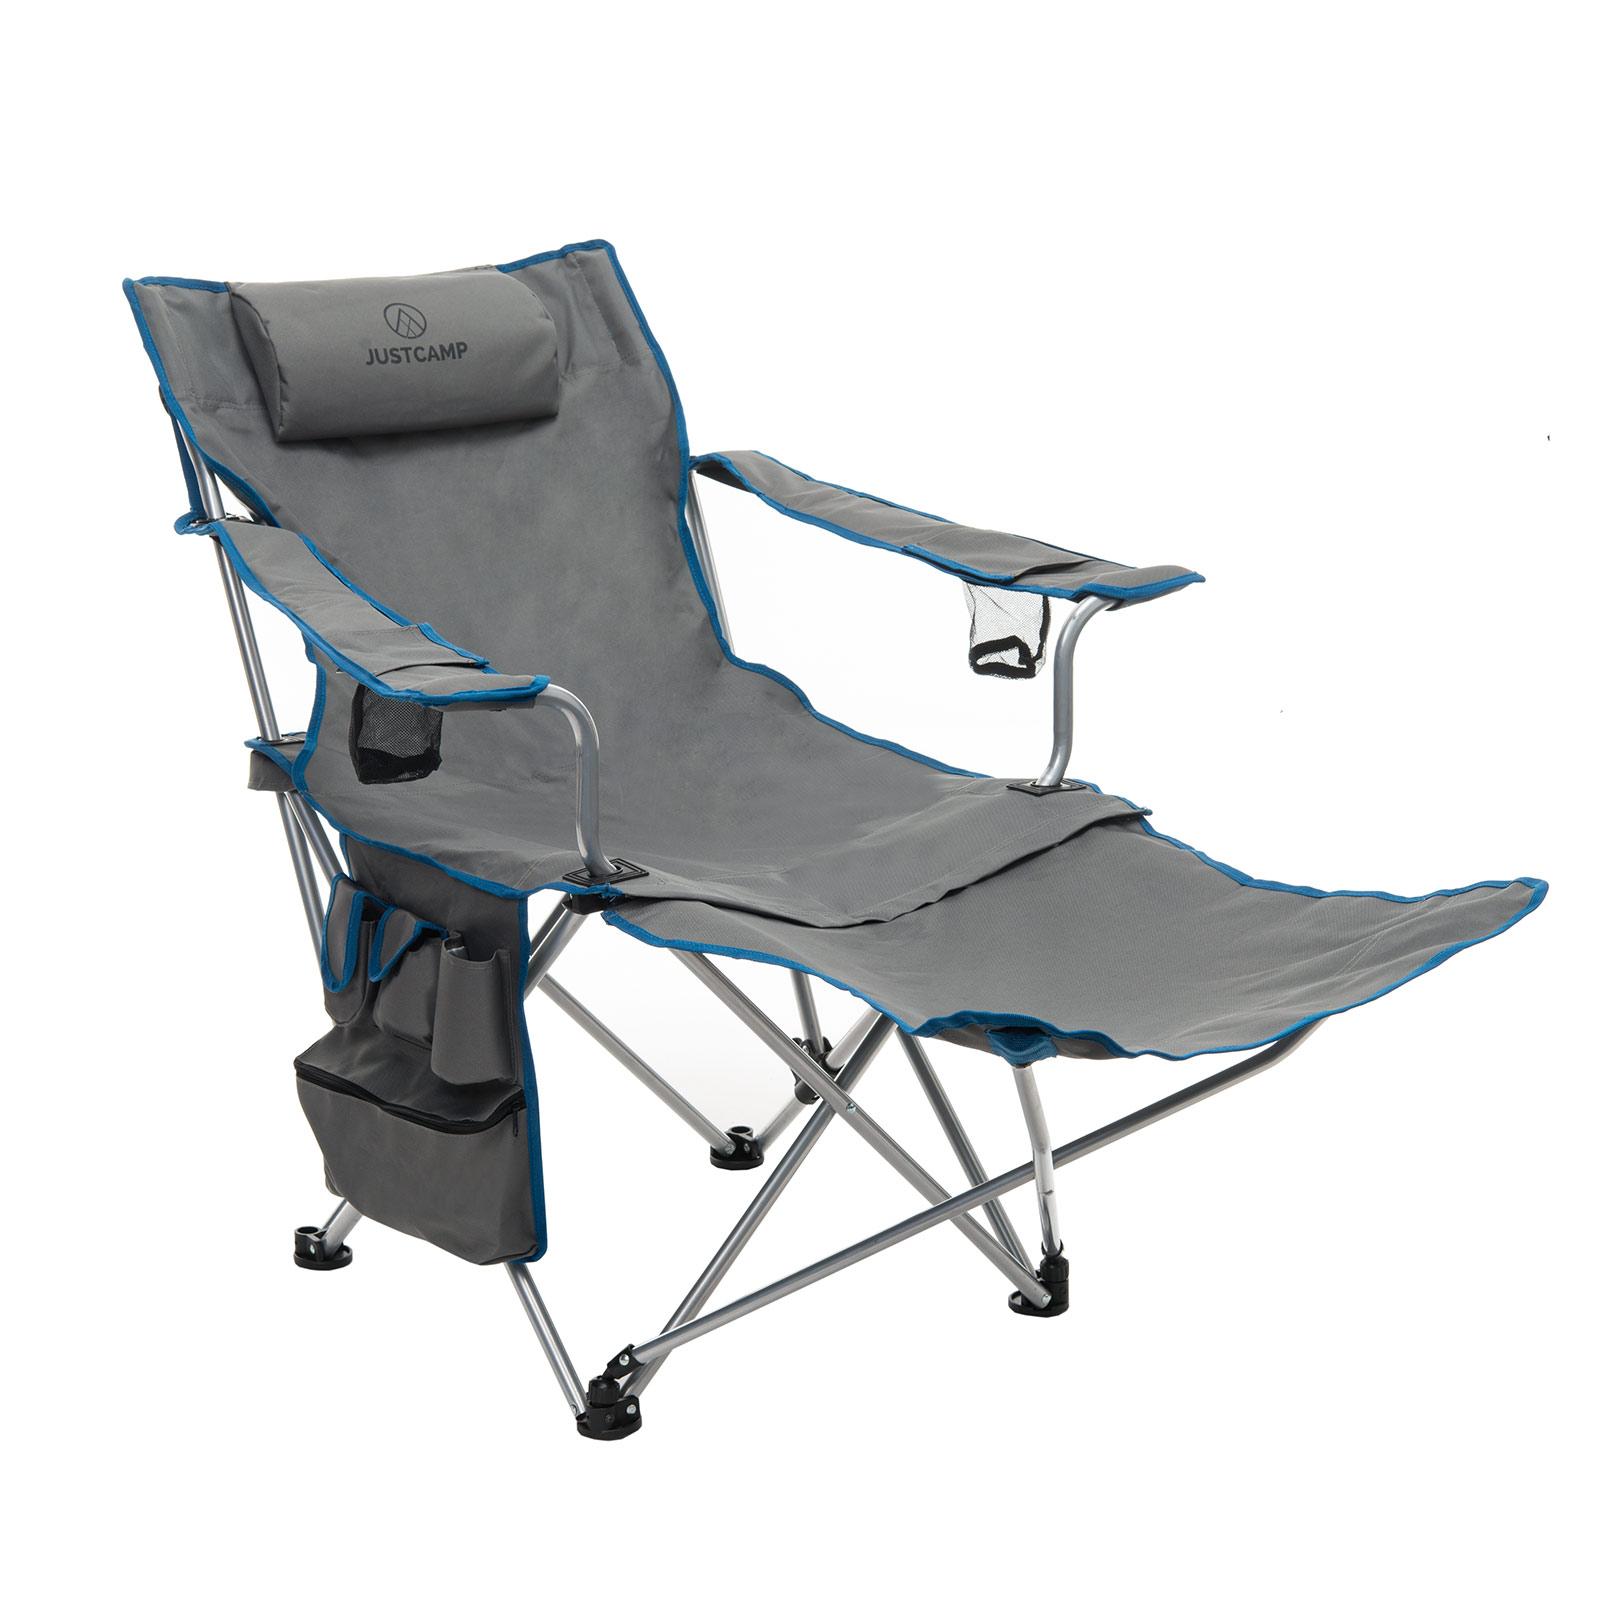 Faltstuhl camping  Campingstuhl JUSTCAMP Denver Faltstuhl mit Fußablage Liegestuhl ...